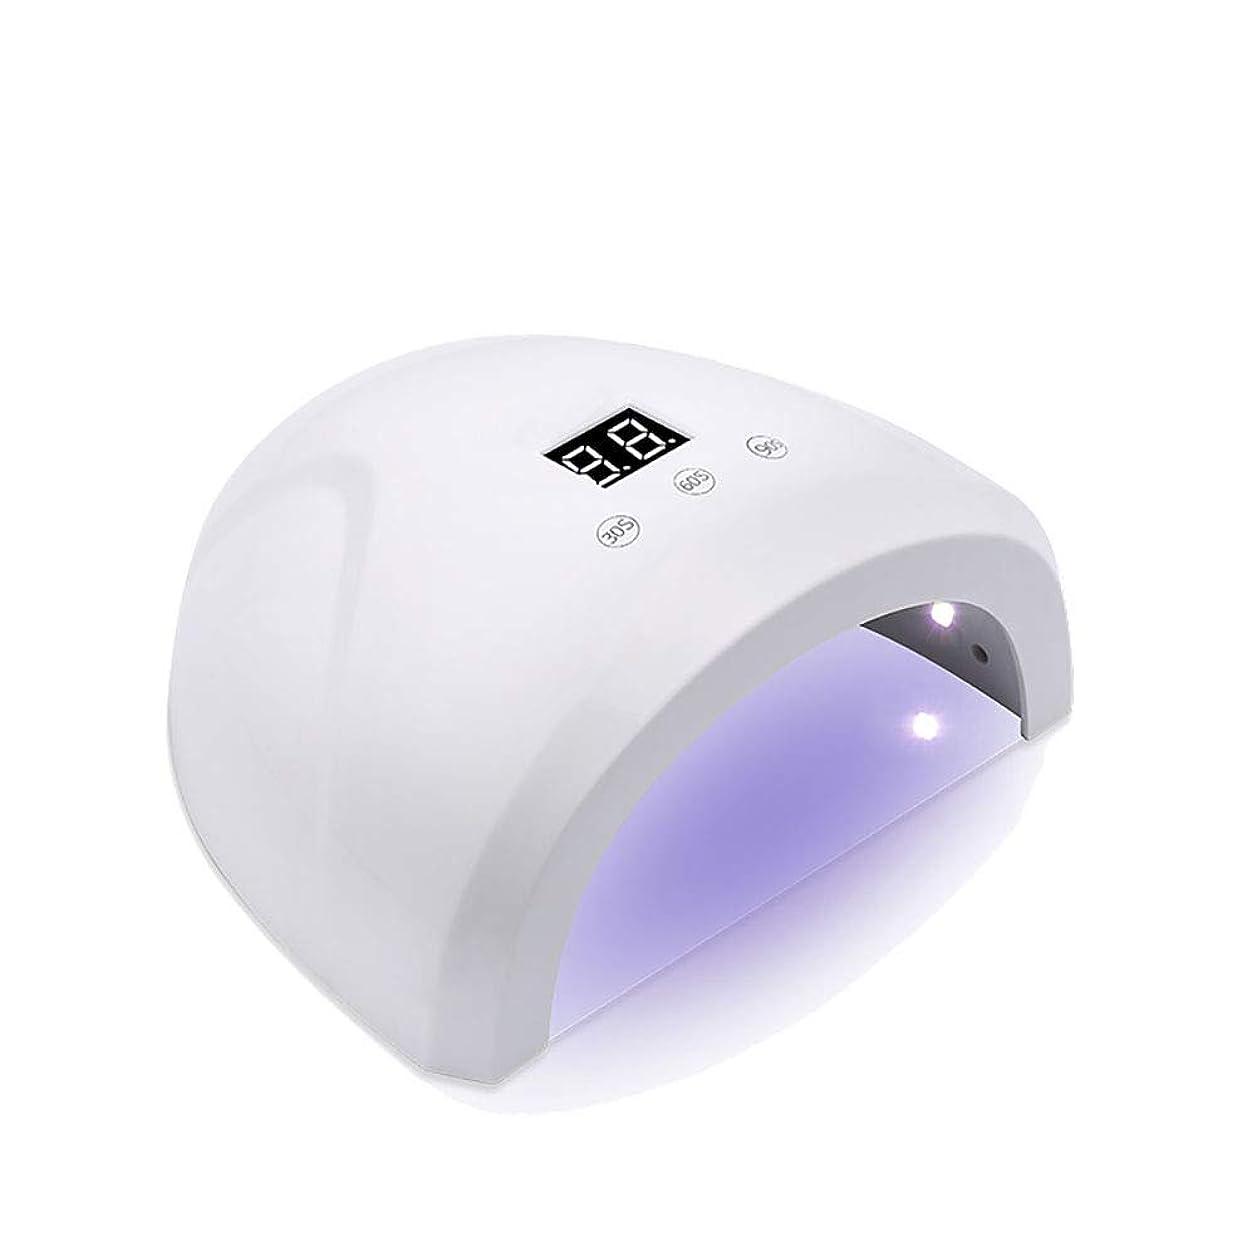 肌血まみれ日付付き釘のドライヤー - 自動赤外線センサー、二重光源のLEDランプのゲルのドライヤーのマニキュアが付いている紫外線携帯用LEDの釘ランプ